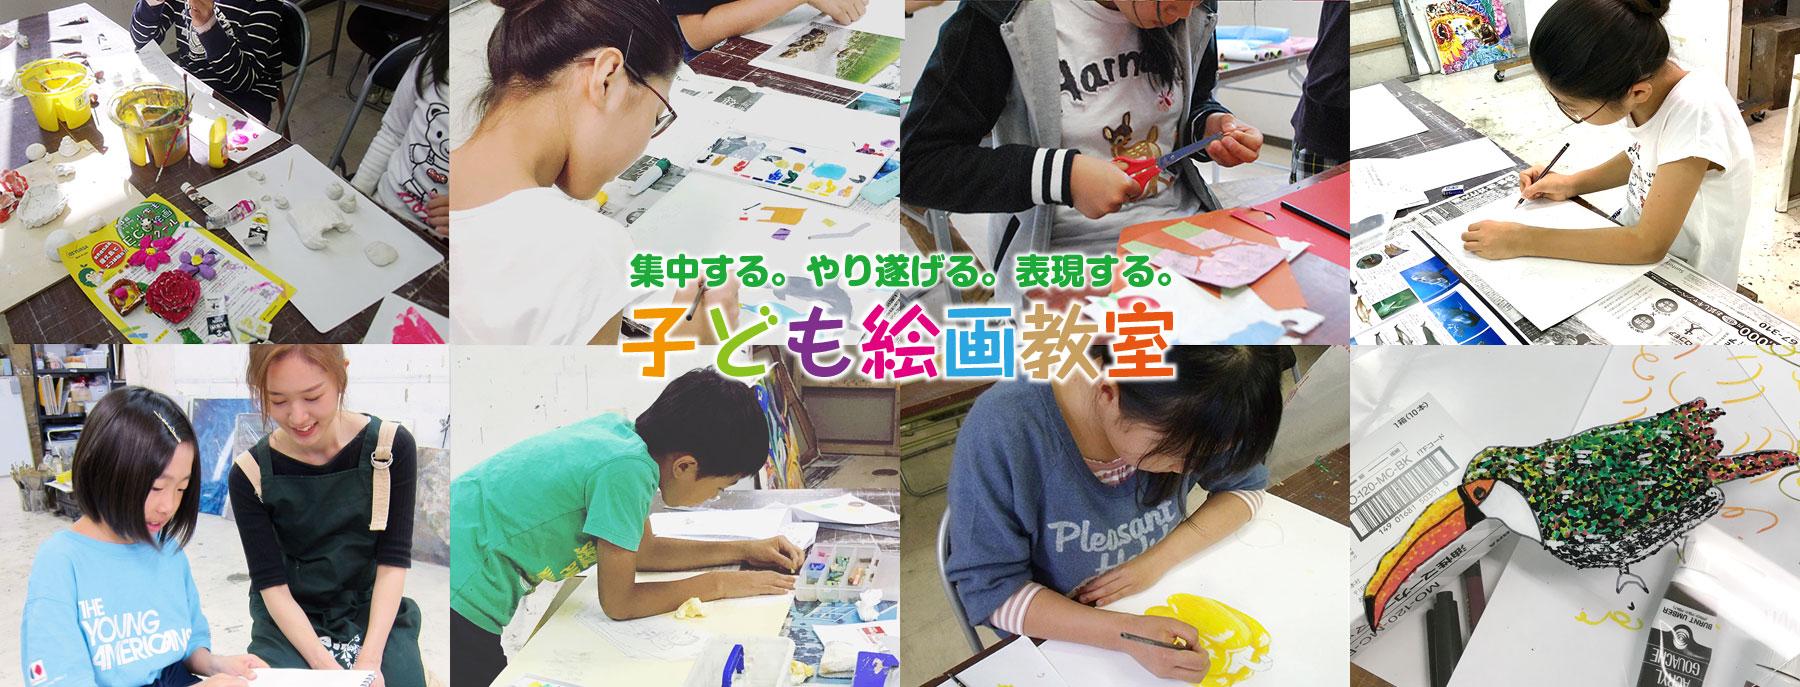 子ども絵画教室/千葉の絵画教室